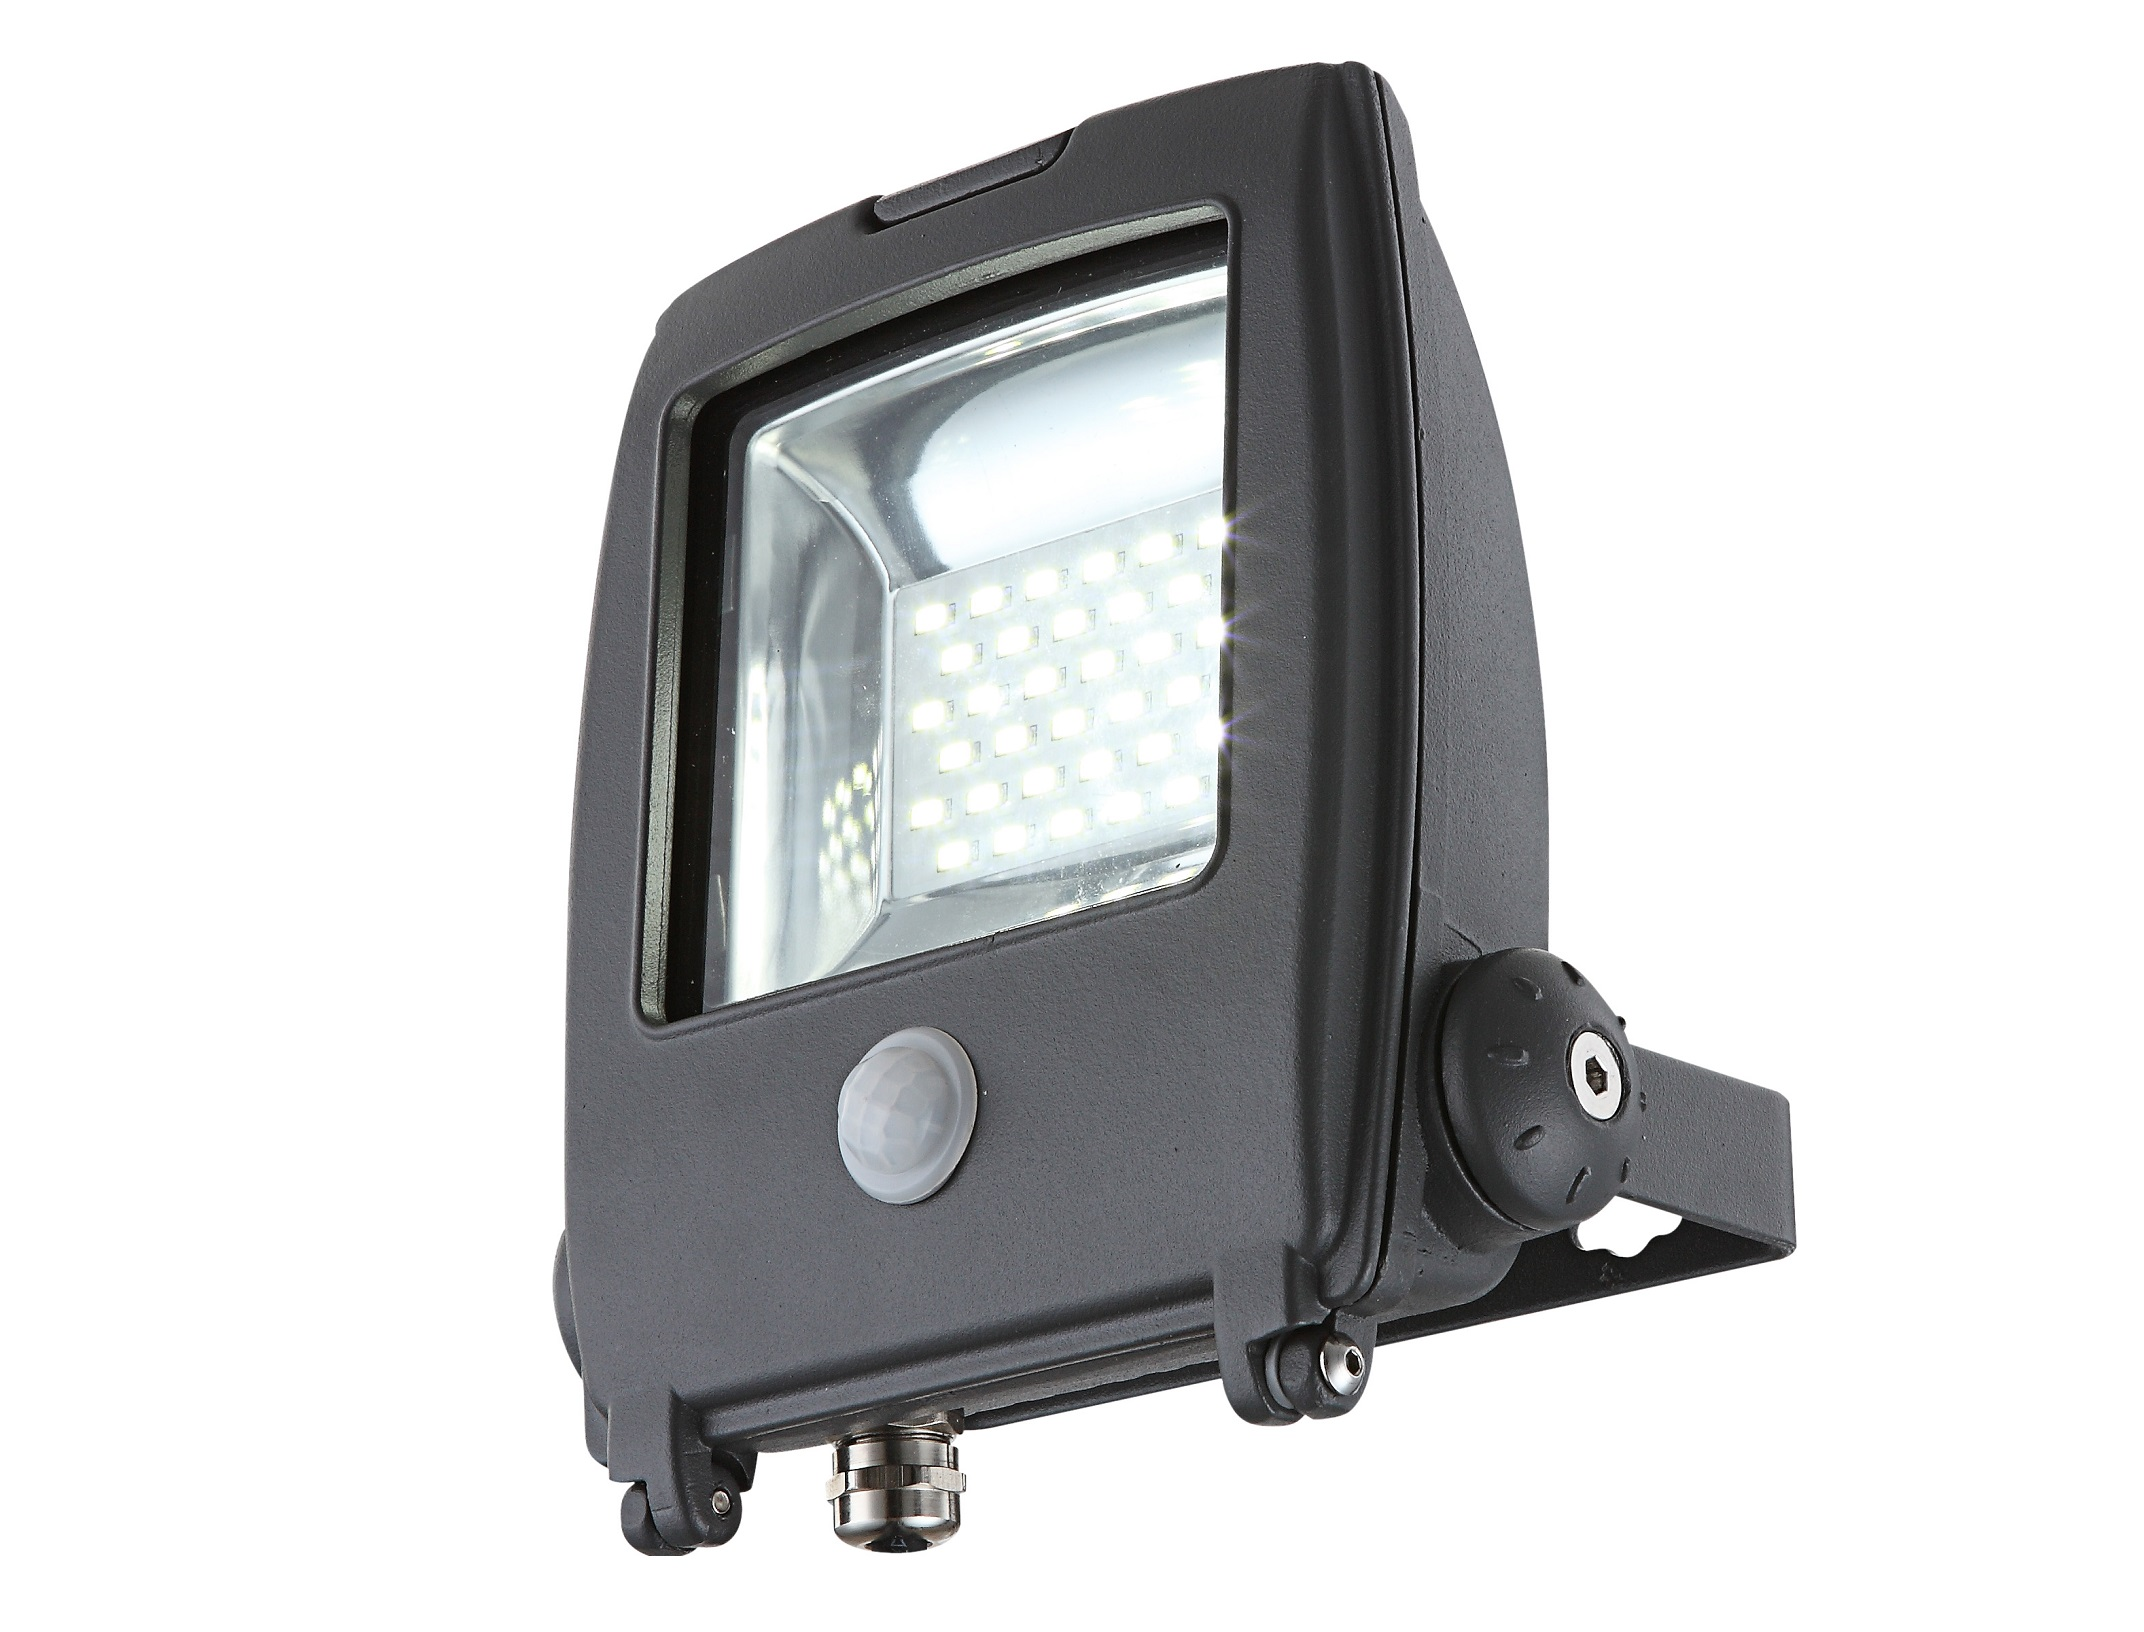 Светильник уличныйУличные настенные светильники<br>&amp;lt;div&amp;gt;&amp;lt;div&amp;gt;Вид цоколя: LED&amp;lt;/div&amp;gt;&amp;lt;div&amp;gt;Мощность: &amp;amp;nbsp;20W&amp;lt;/div&amp;gt;&amp;lt;div&amp;gt;Количество ламп: 1 (в комплекте)&amp;lt;/div&amp;gt;&amp;lt;div&amp;gt;&amp;lt;br&amp;gt;&amp;lt;/div&amp;gt;&amp;lt;/div&amp;gt;<br><br>Material: Металл<br>Length см: None<br>Width см: 10<br>Depth см: 10,5<br>Height см: 18,5<br>Diameter см: None